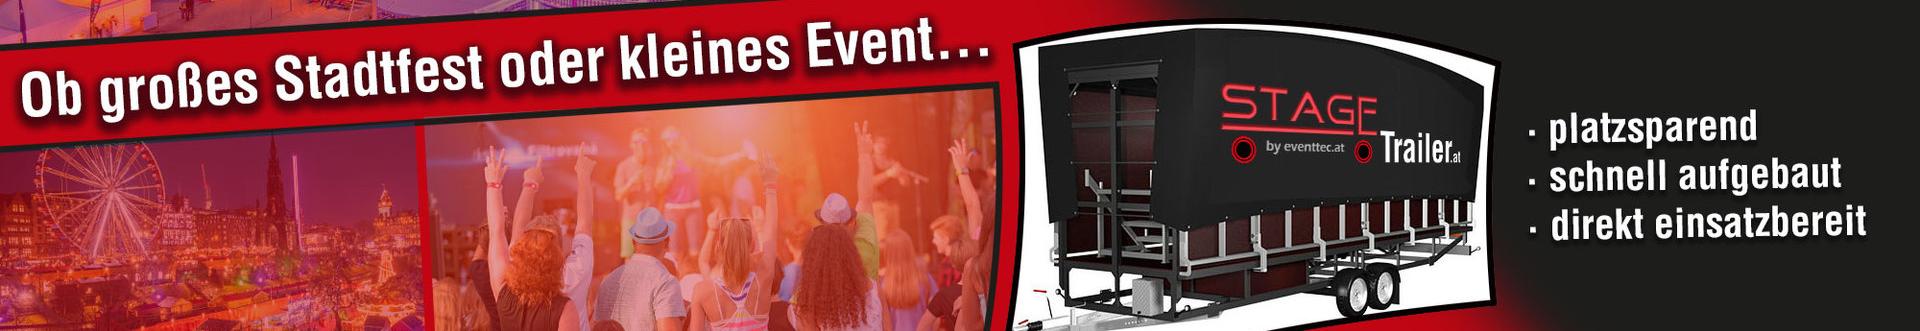 Ob großes Stadtfest oder kleines Event - immer die richtige Bühne!